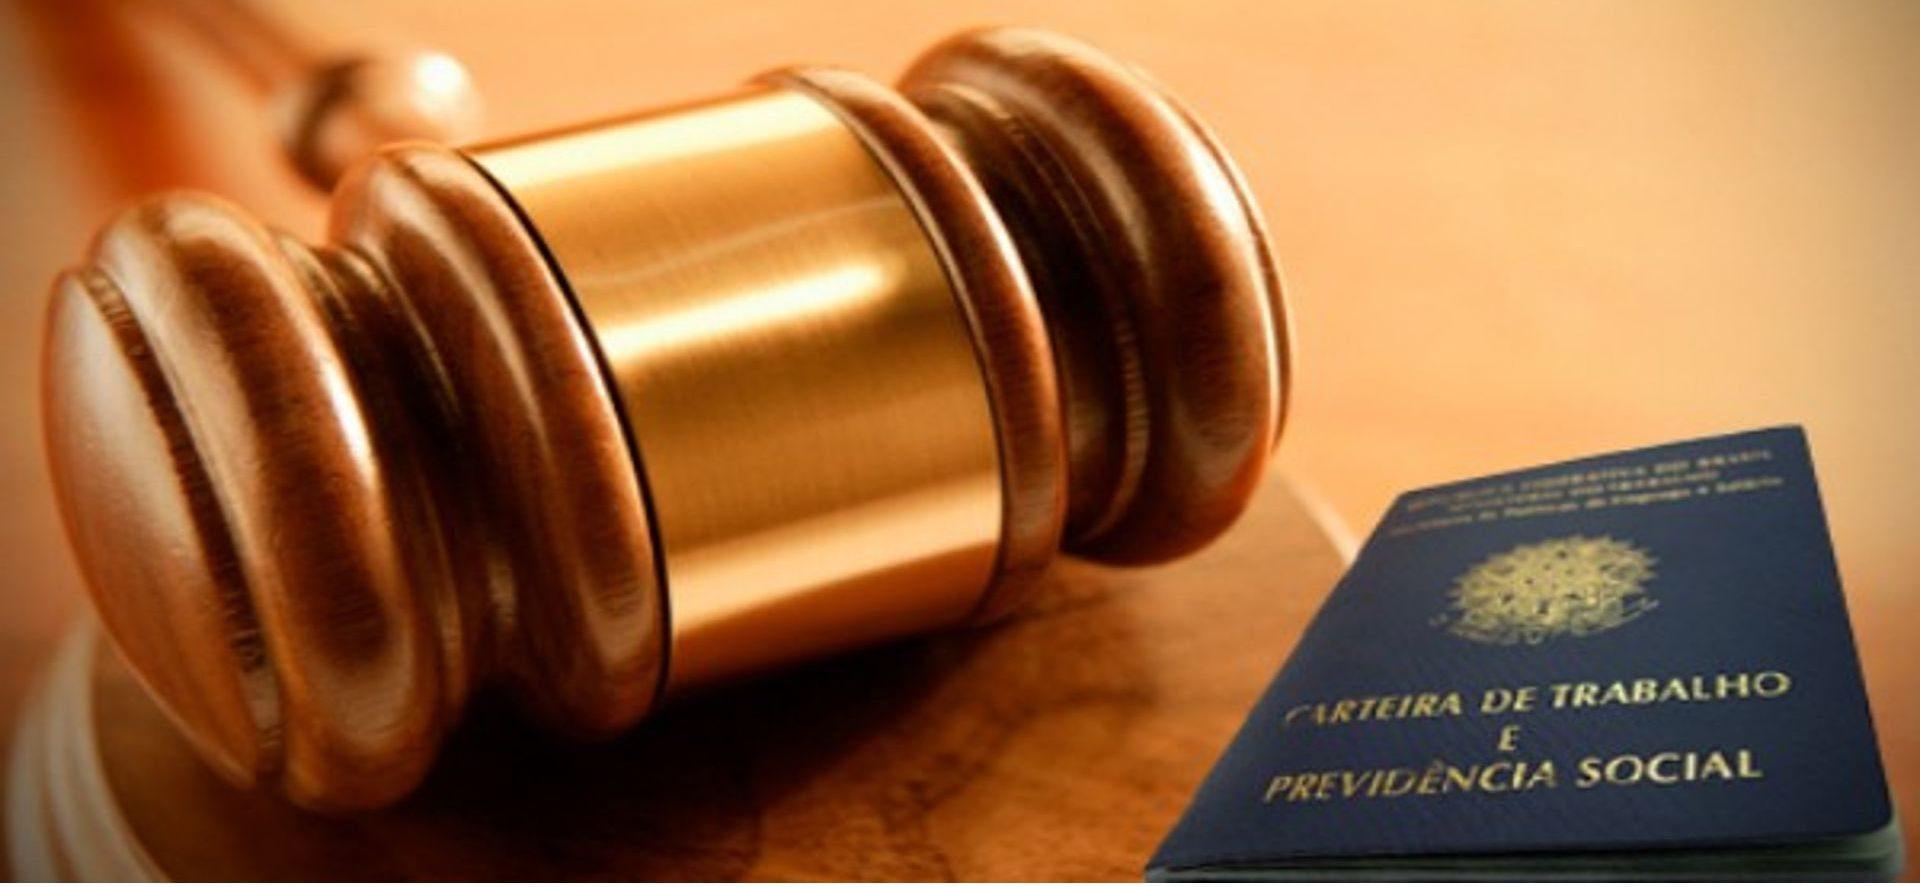 Curso de liquidação de sentença